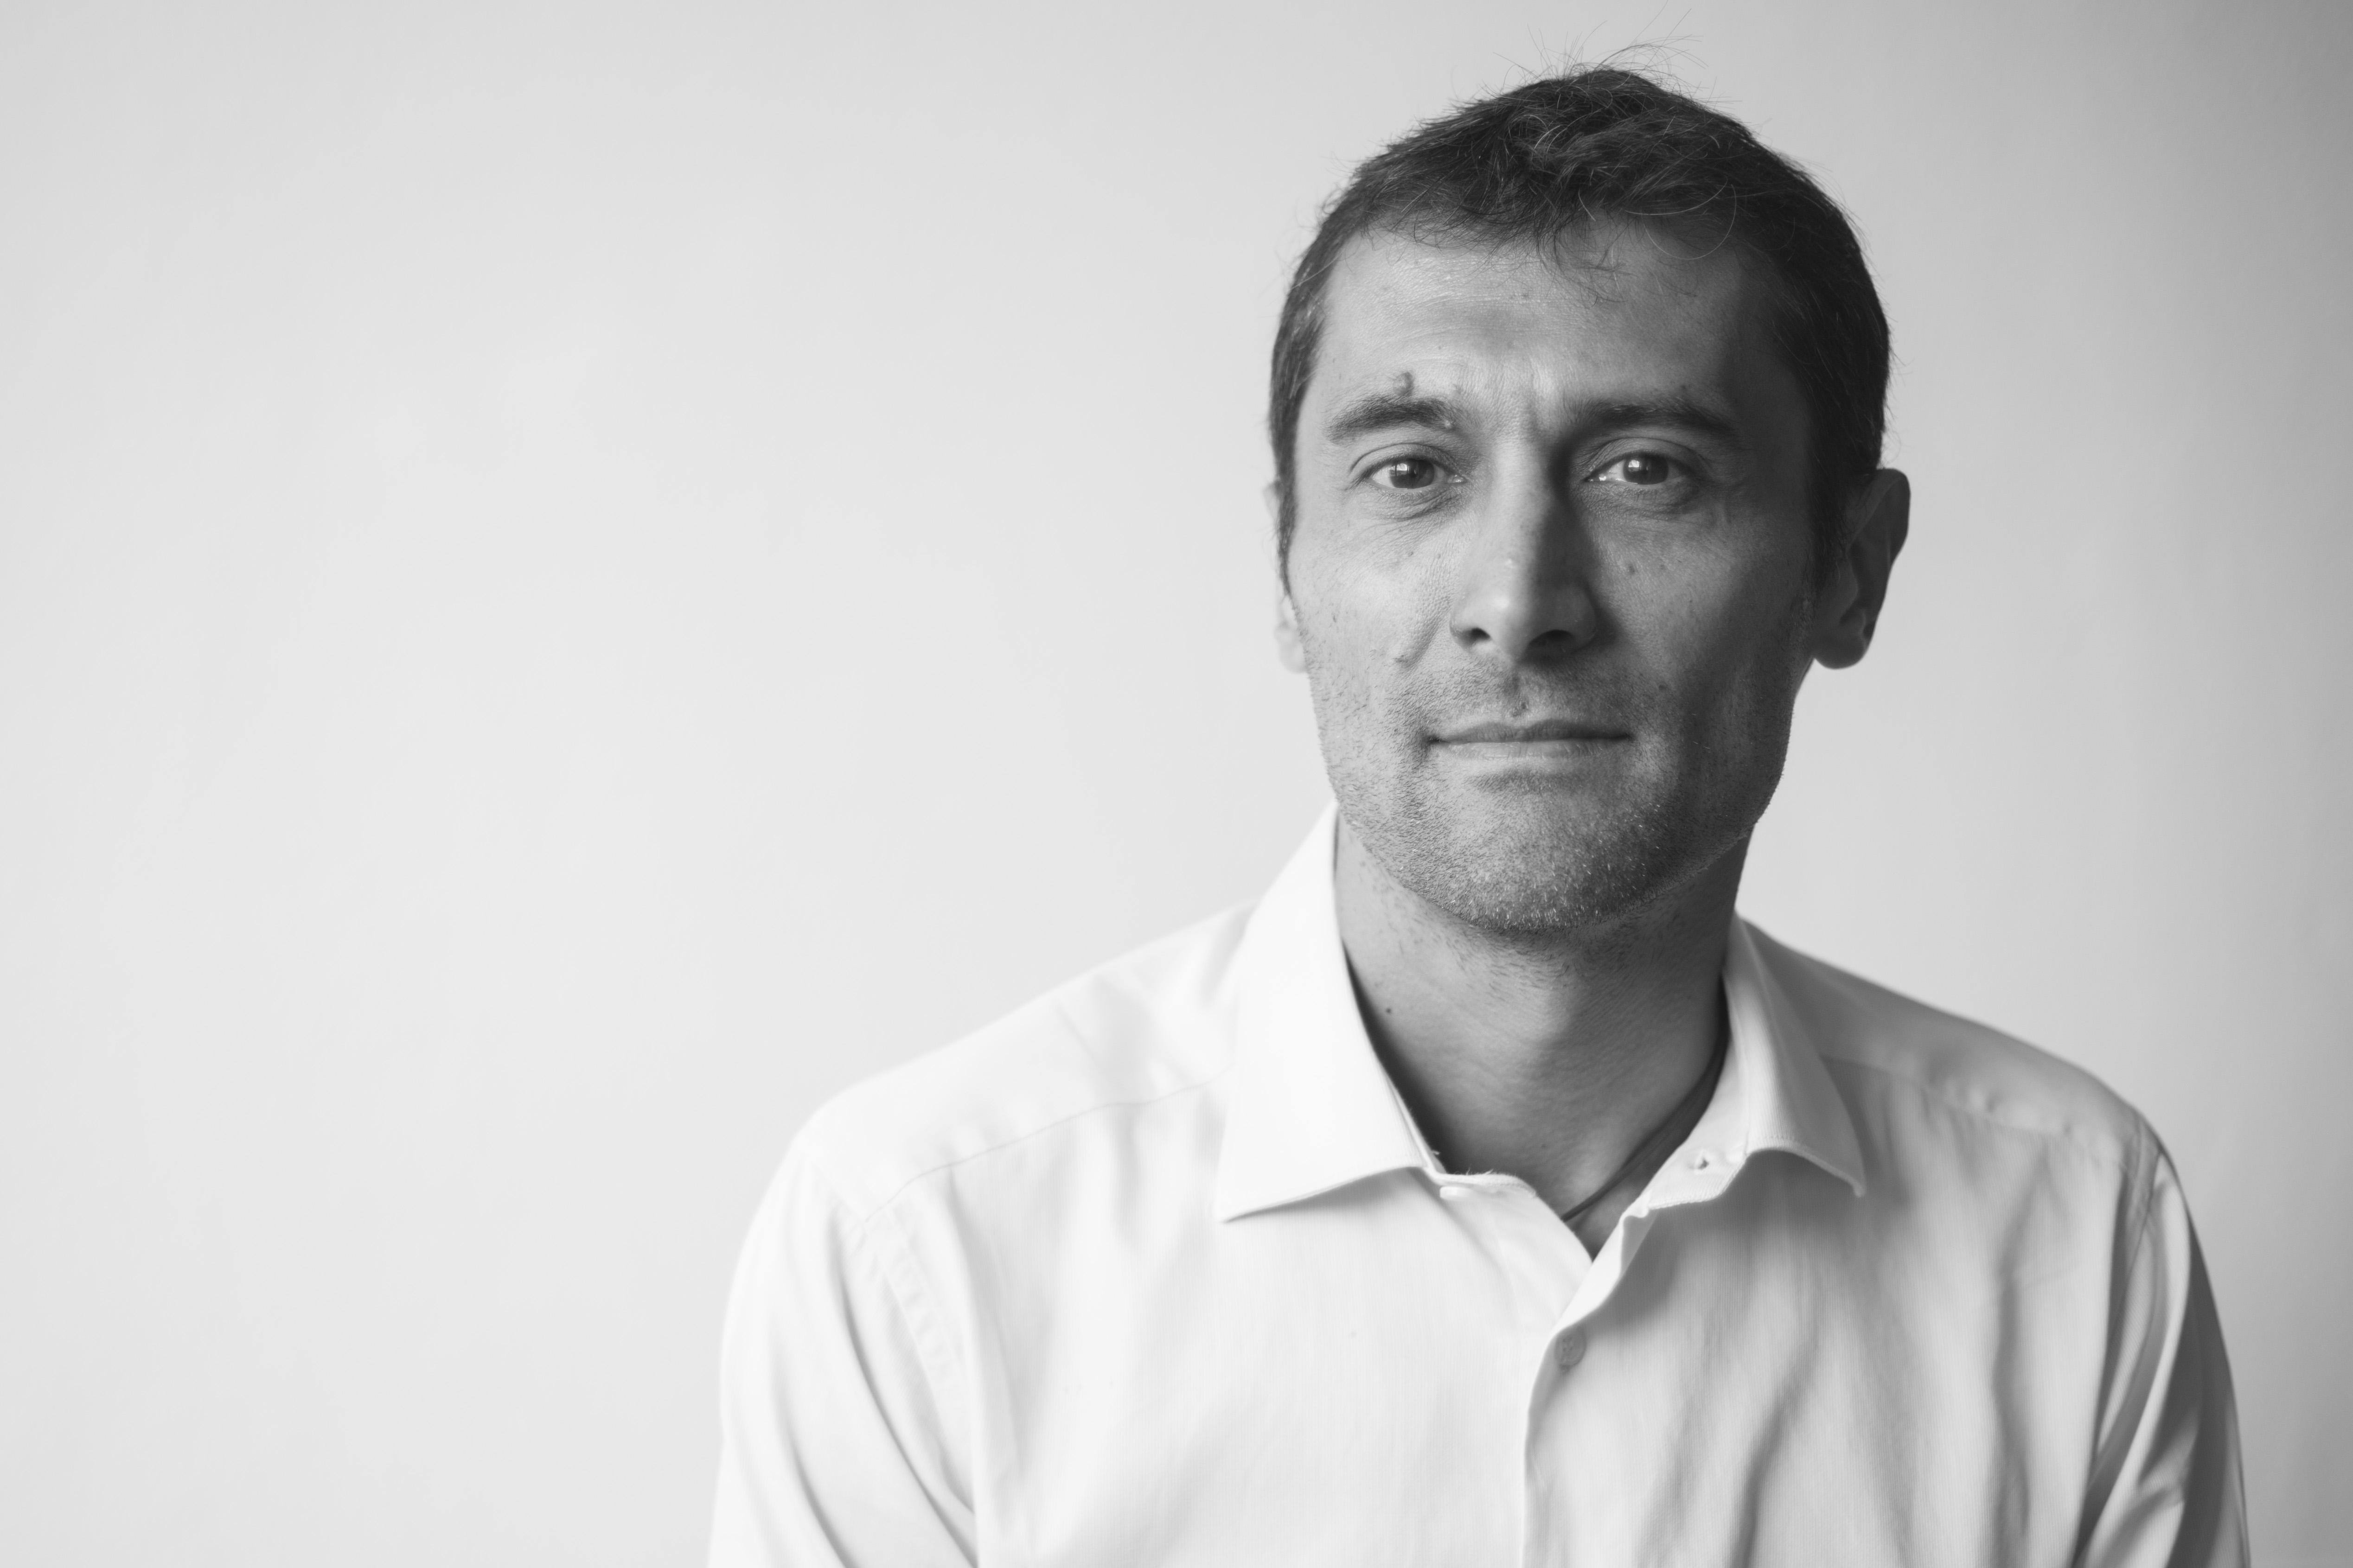 Fabio Callegari